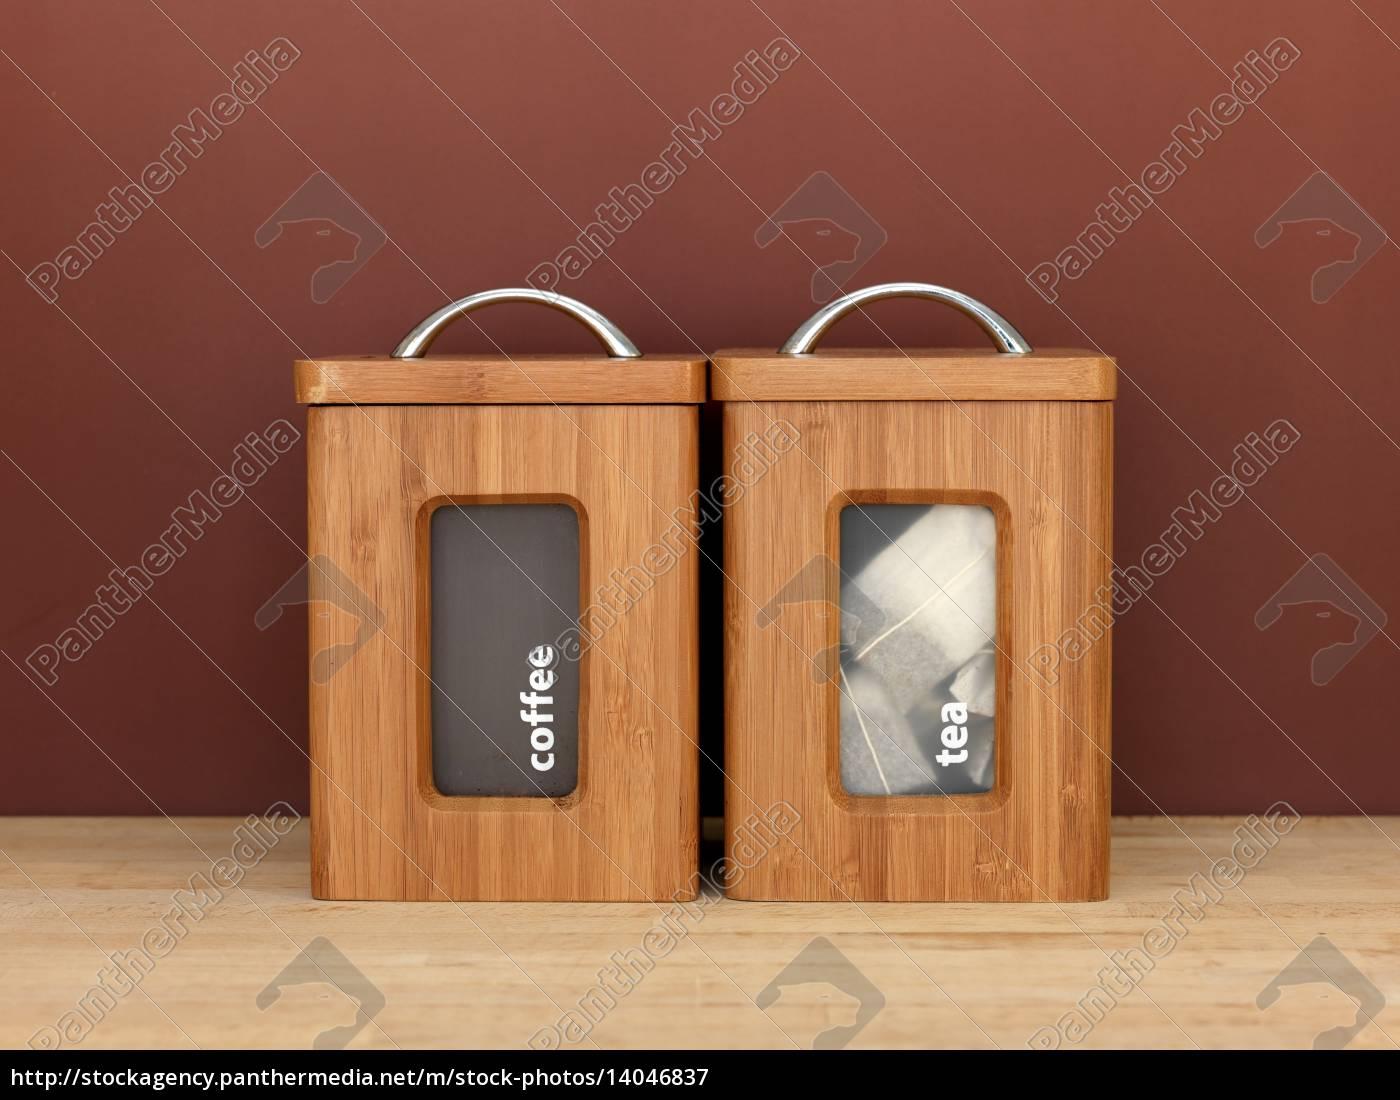 kitchen, bench - 14046837